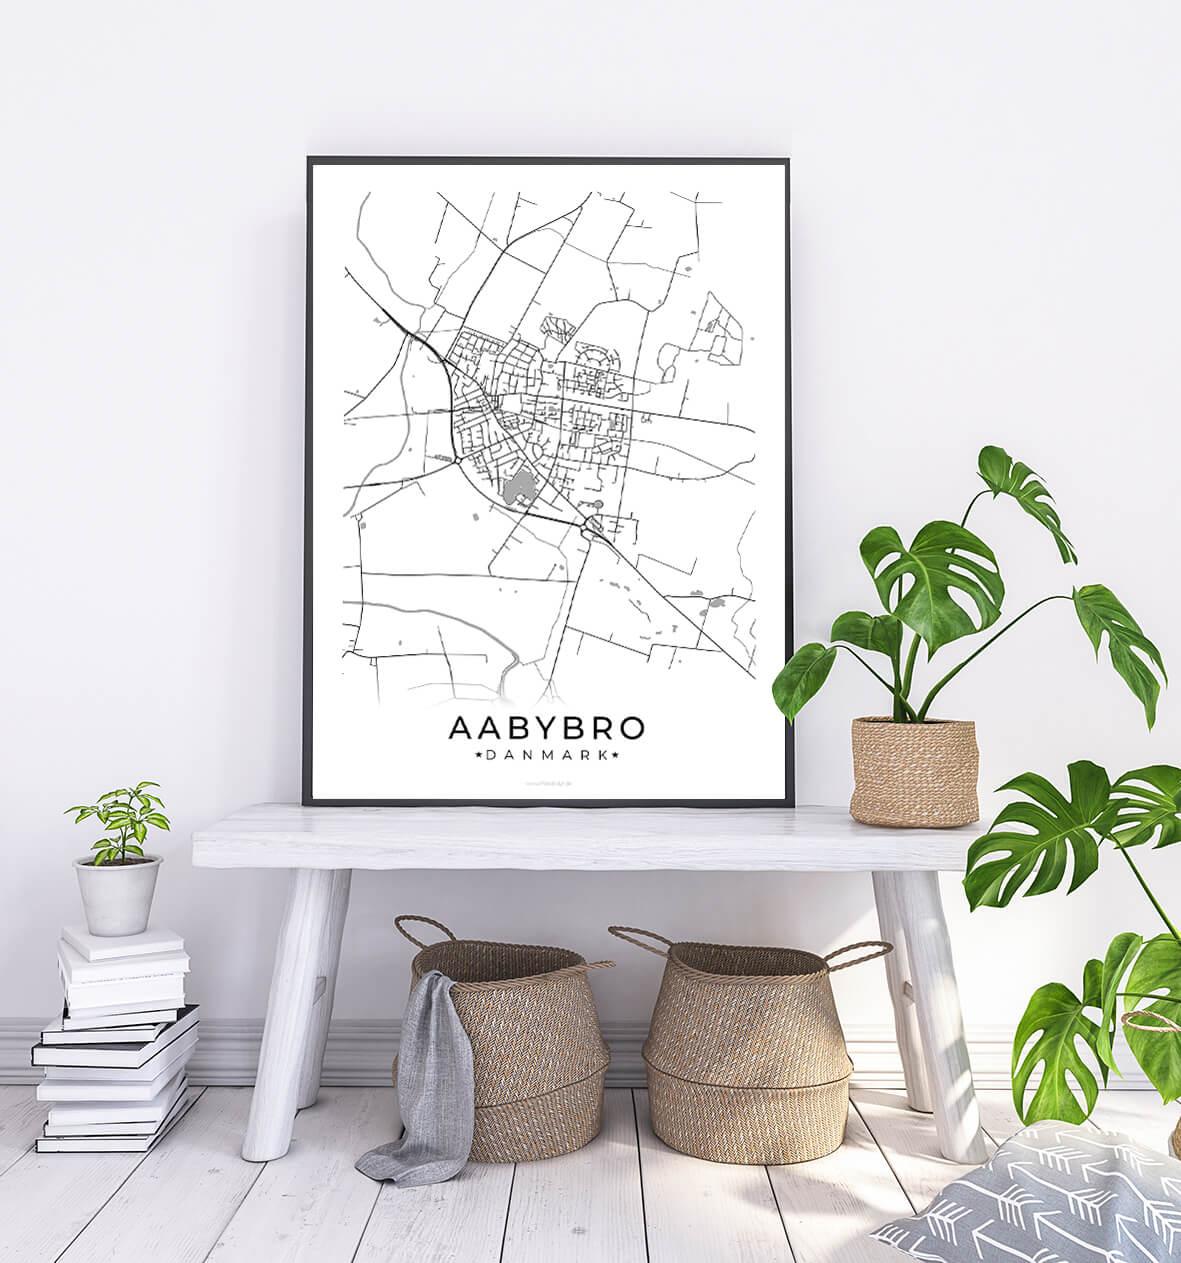 Aabybro-hvid-byplakat-1